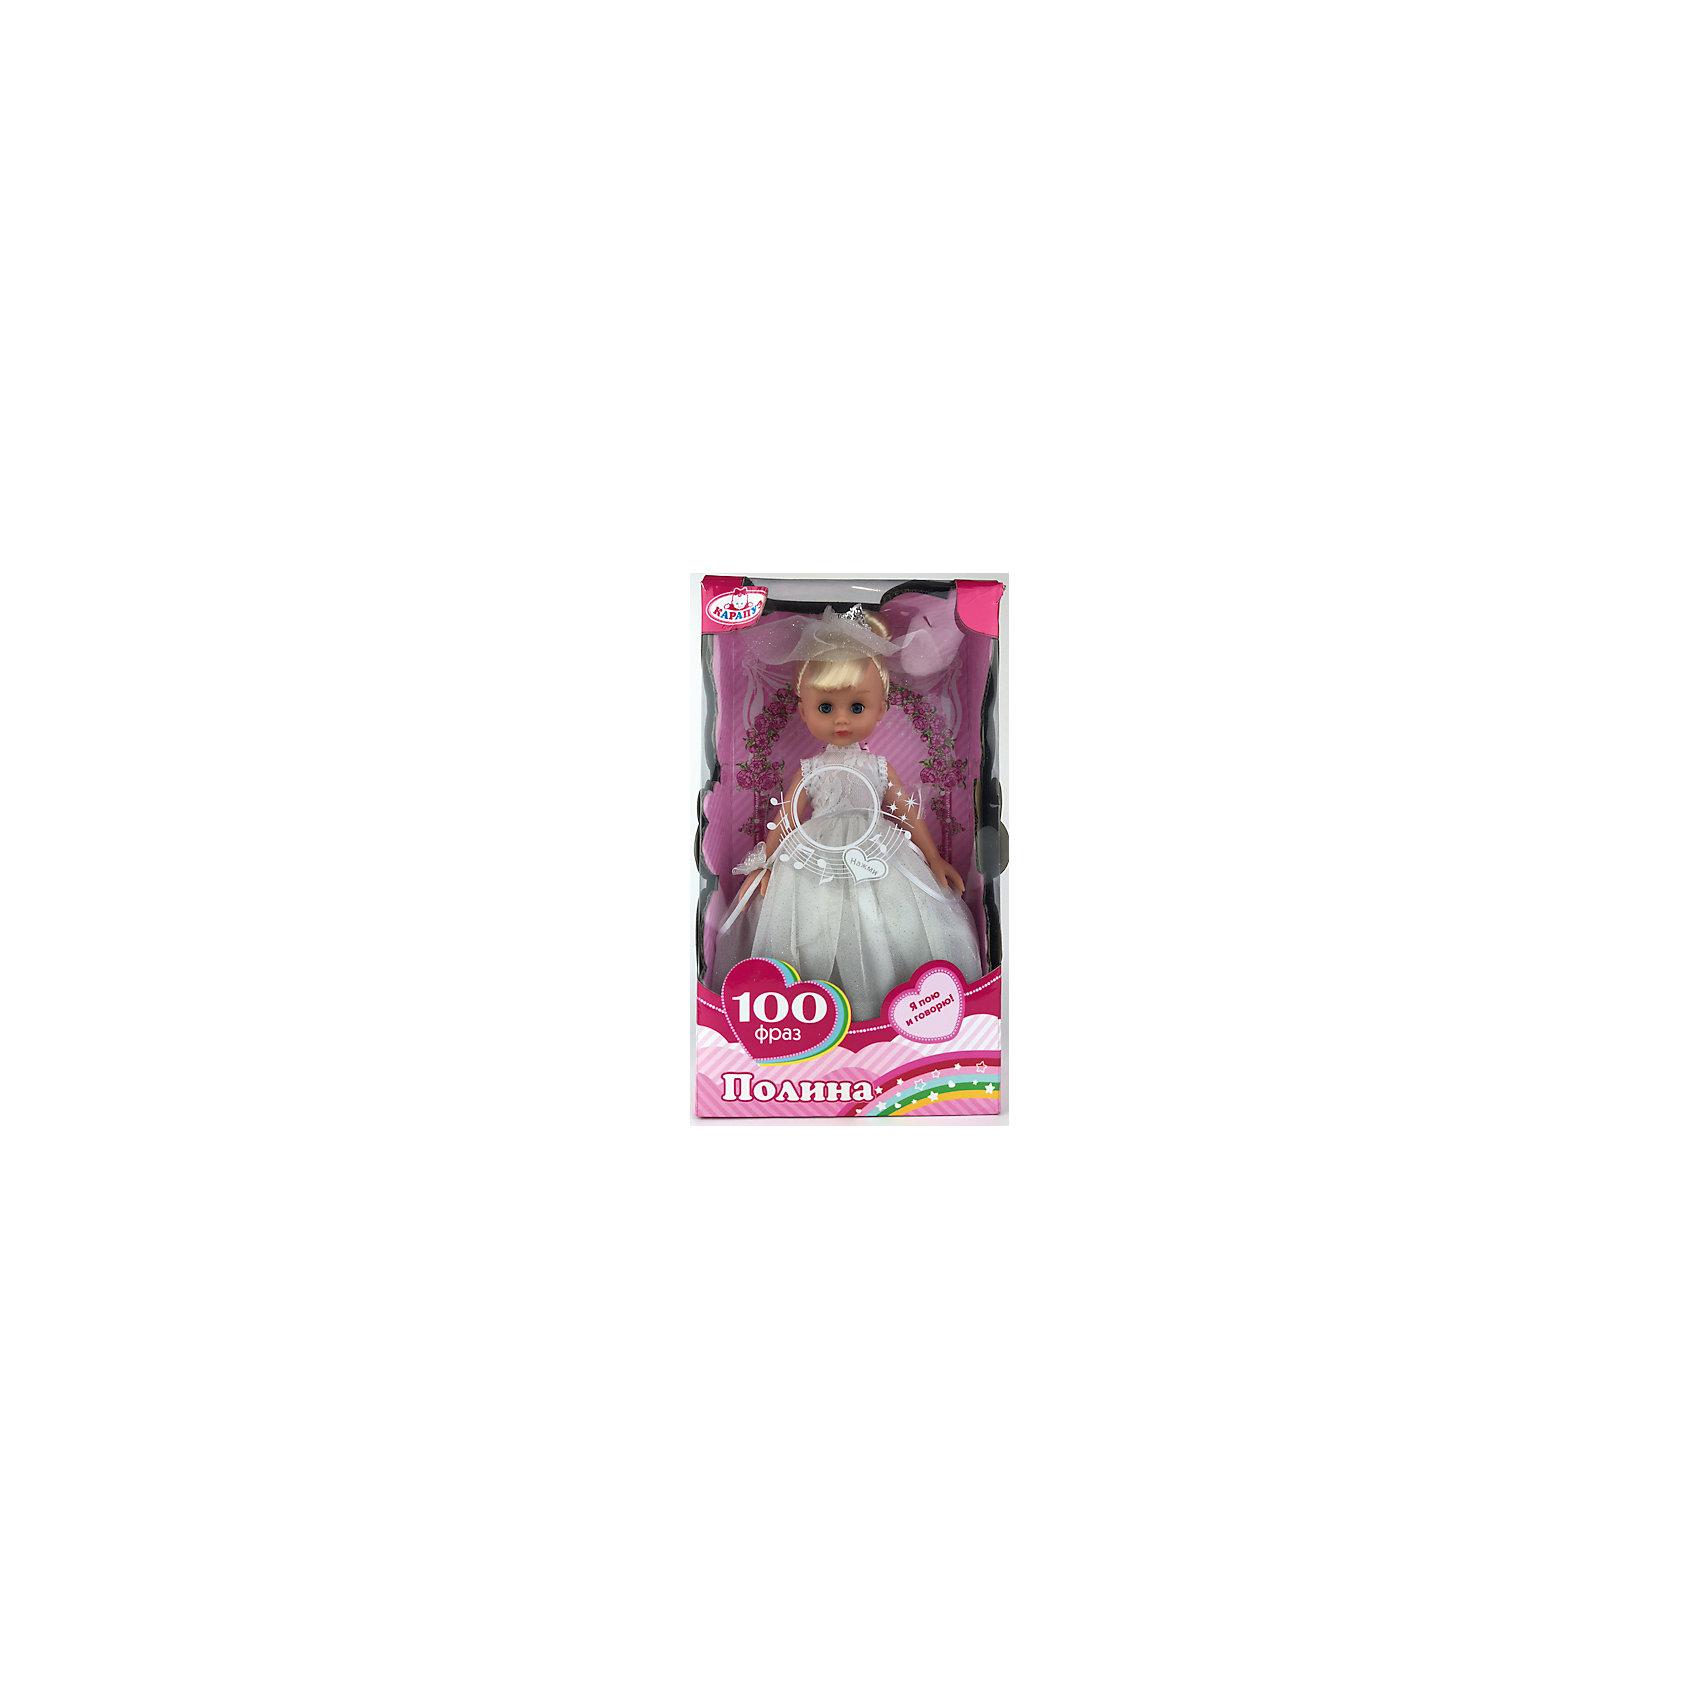 Кукла Невеста, 33 см, 100 фраз, КарапузИнтерактивные куклы<br>Кукла Невеста, 33 см, 100 фраз, Карапуз.<br><br>Характеристика:<br><br>• Материал: пластик, текстиль. <br>• Размер куклы: 33 см. <br>• Голова, руки, ноги подвижные. <br>• В комплекте кукла в платье и аксессуары. <br>• Закрывает и открывает глаза. <br>• Кукла умеет разговаривать и петь песенки (около 100 фраз). <br><br>Очаровательная кукла Невеста обязательно понравится девочкам! Она одета в красивое свадебное платье с ажурным верхом и пышной летящей юбкой. На голове у Полины блестящая тиара с вуалью. Волосы куклы мягкие и очень приятные на ощупь, из них получится множество удивительных причесок. Полина умеет говорить и петь веселые песенки - с такой подружкой точно не соскучишься!<br><br>Кукла Невеста, 33 см, 100 фраз, Карапуз, можно купить в нашем интернет-магазине.<br><br>Ширина мм: 80<br>Глубина мм: 340<br>Высота мм: 190<br>Вес г: 470<br>Возраст от месяцев: 36<br>Возраст до месяцев: 72<br>Пол: Женский<br>Возраст: Детский<br>SKU: 5154123